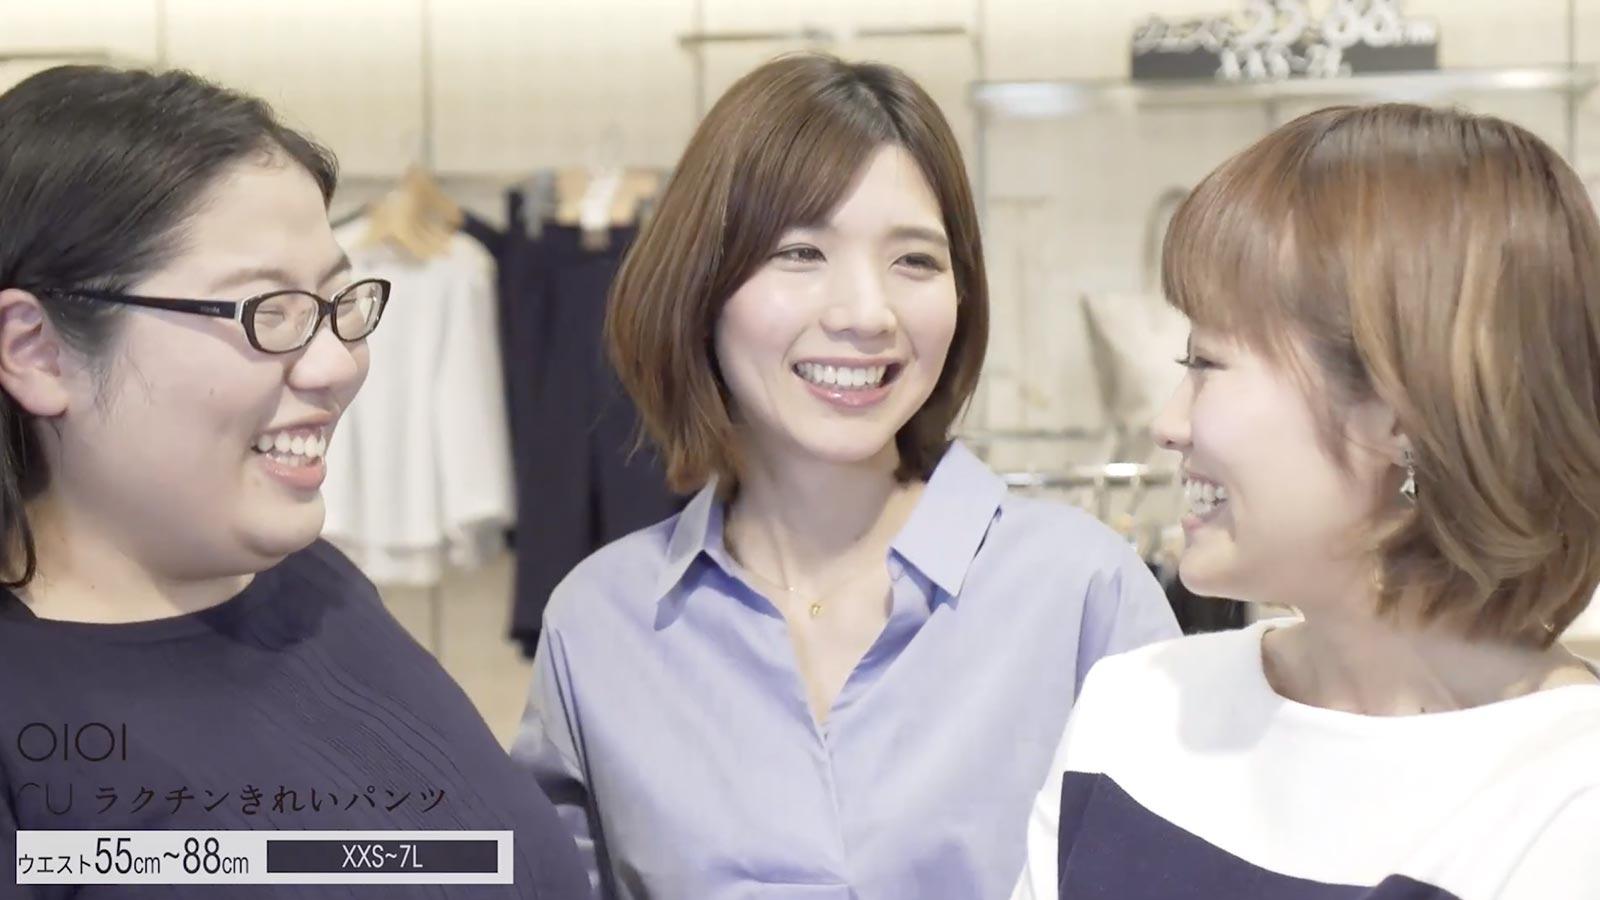 笑顔の三人の女性